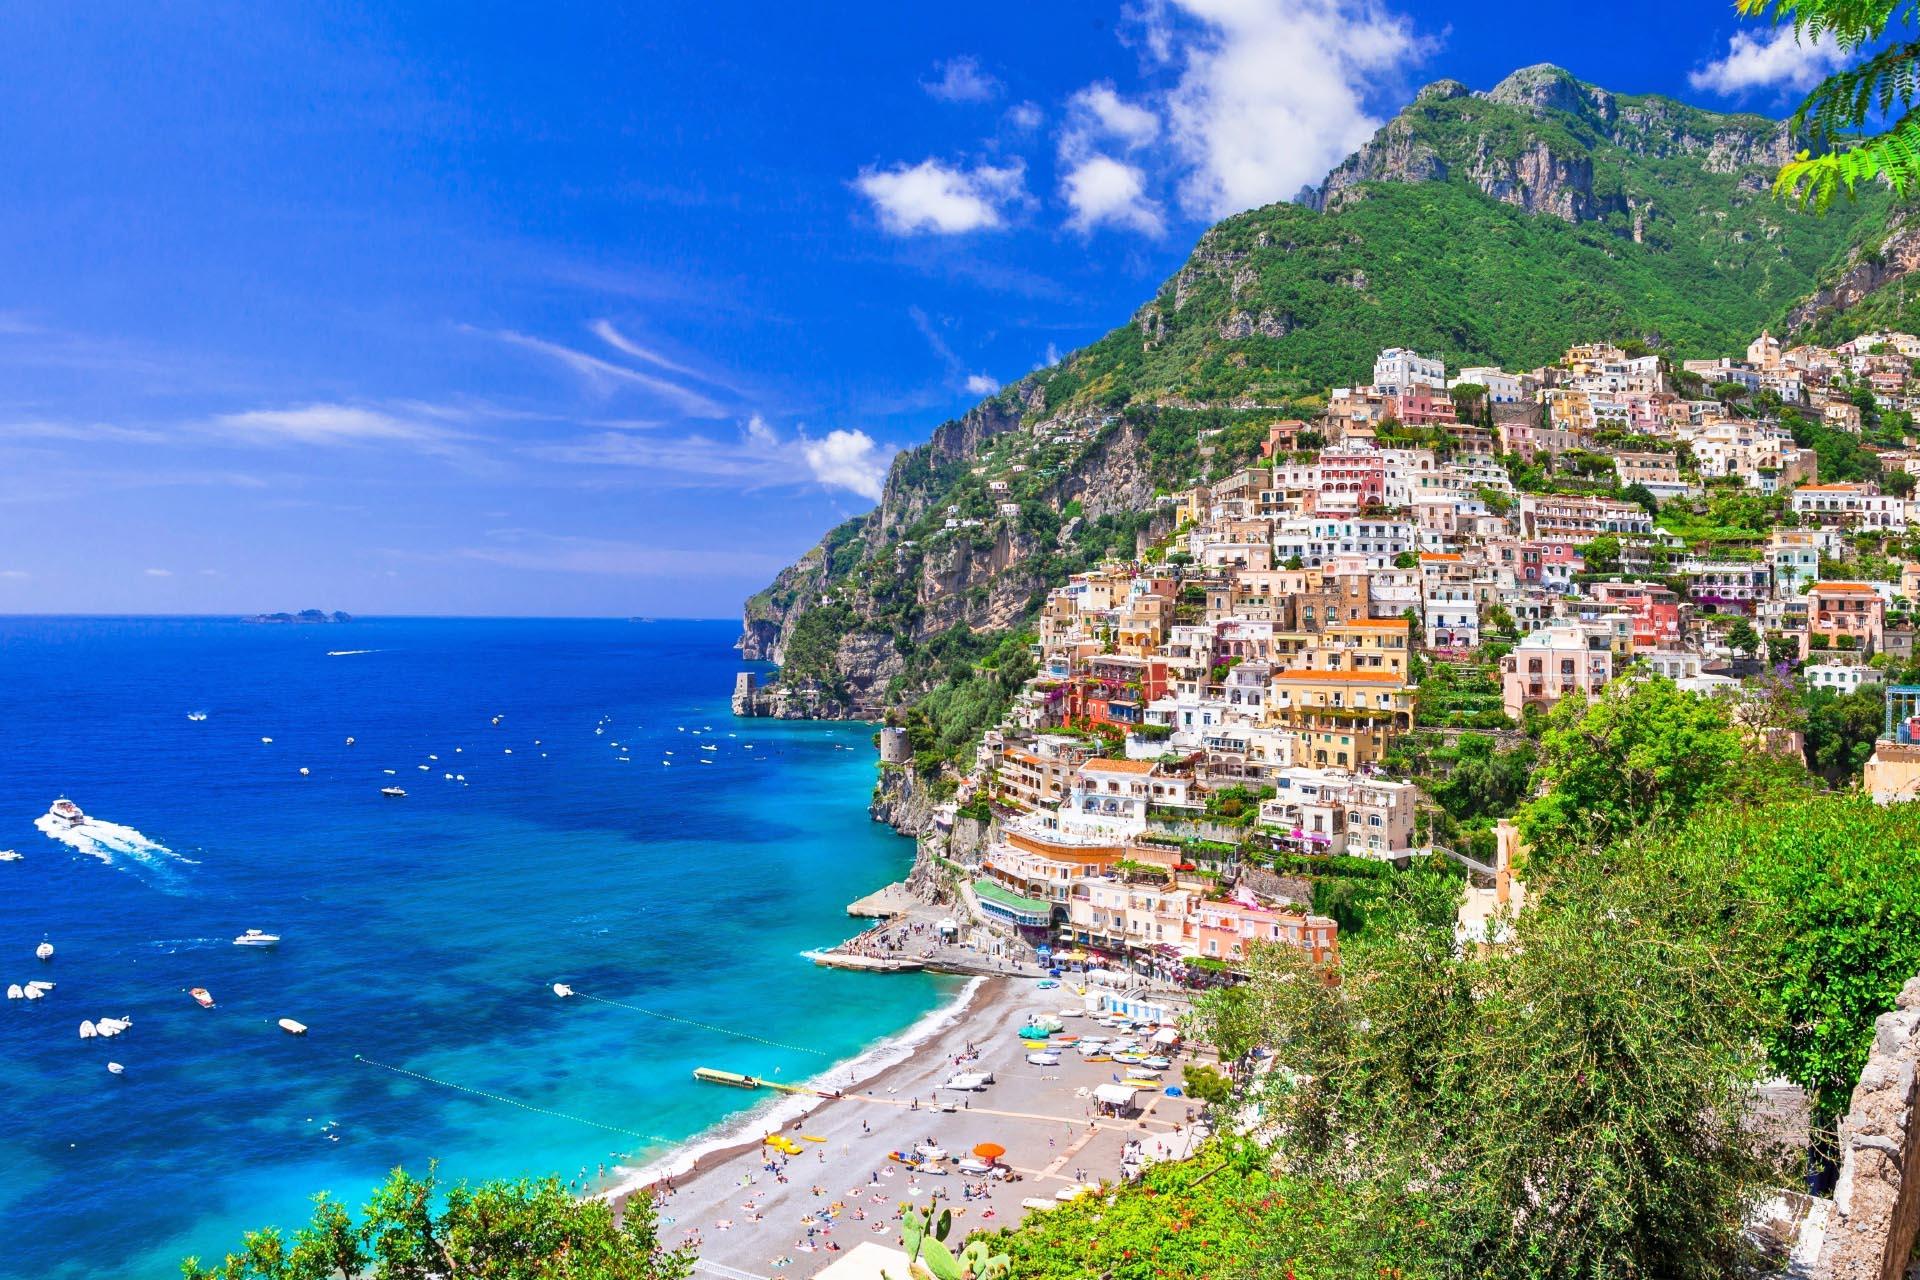 美しい海岸沿いの町ポジターノの風景 アマルフィ海岸 イタリアの風景